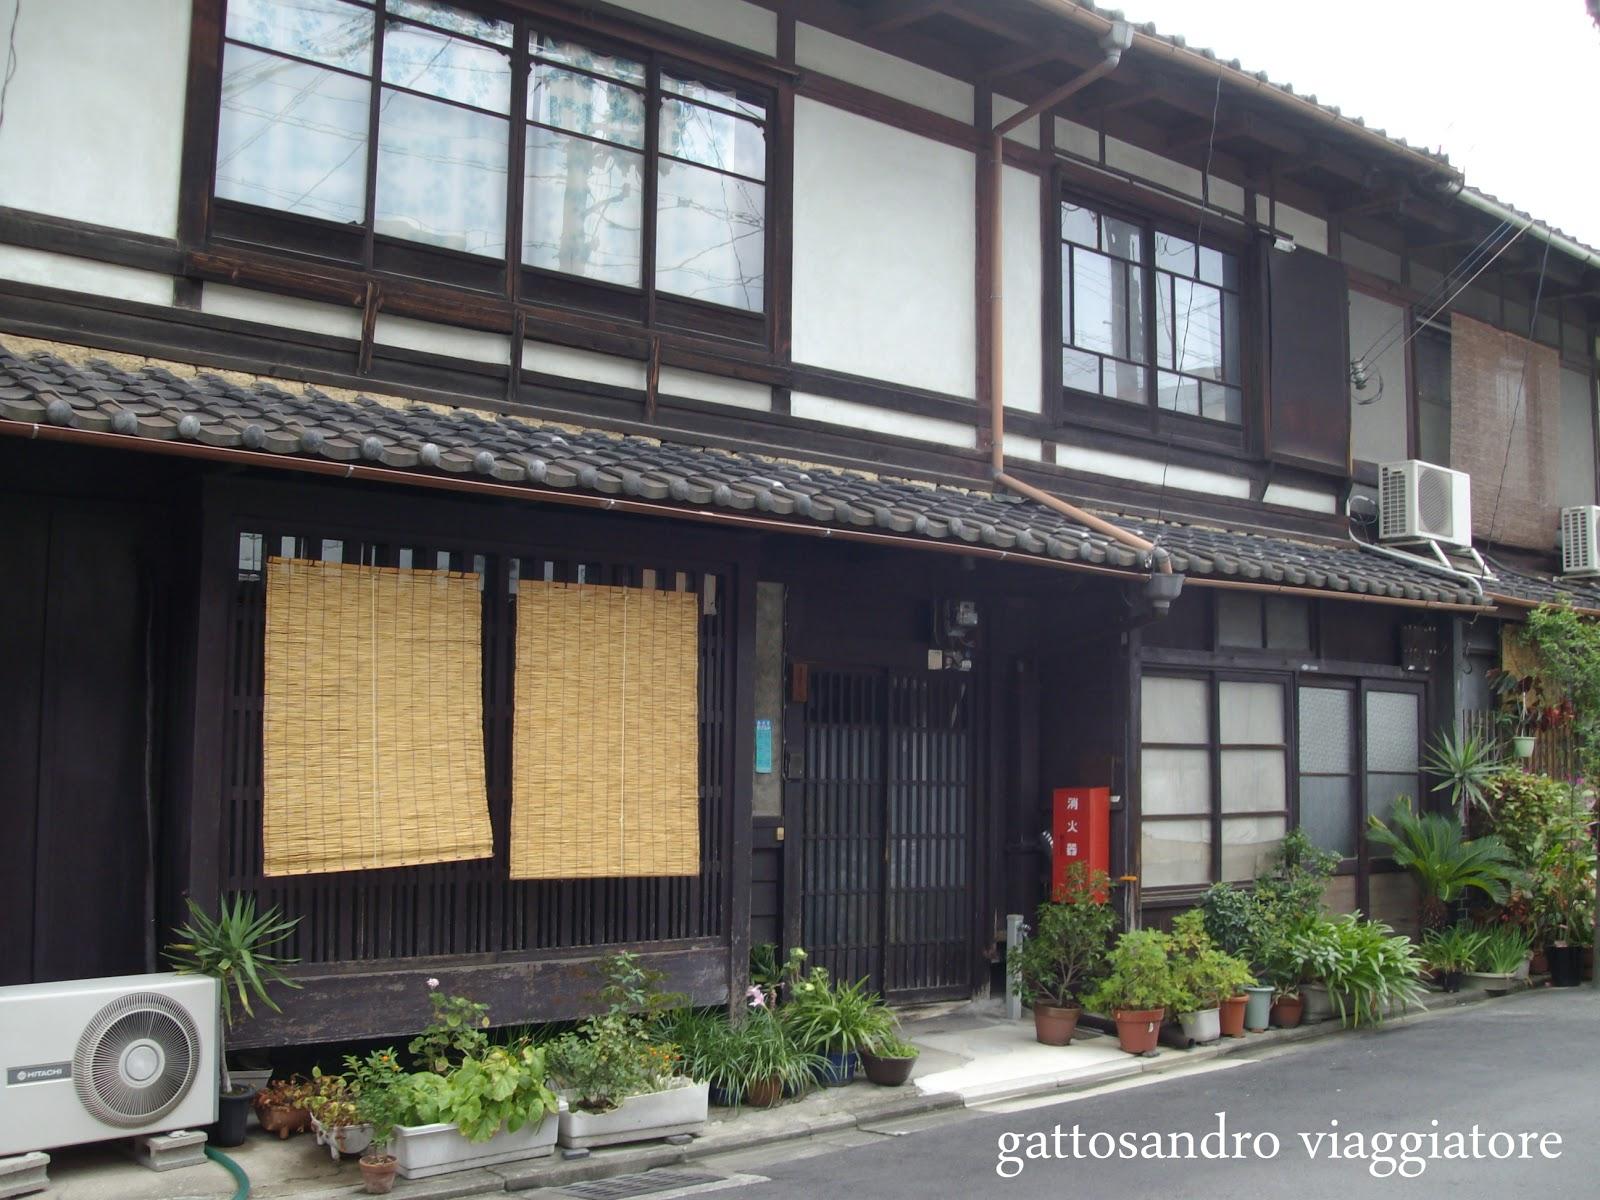 Gattosandro viaggiatore travel blog le 5 citt for Case tradizionali giapponesi